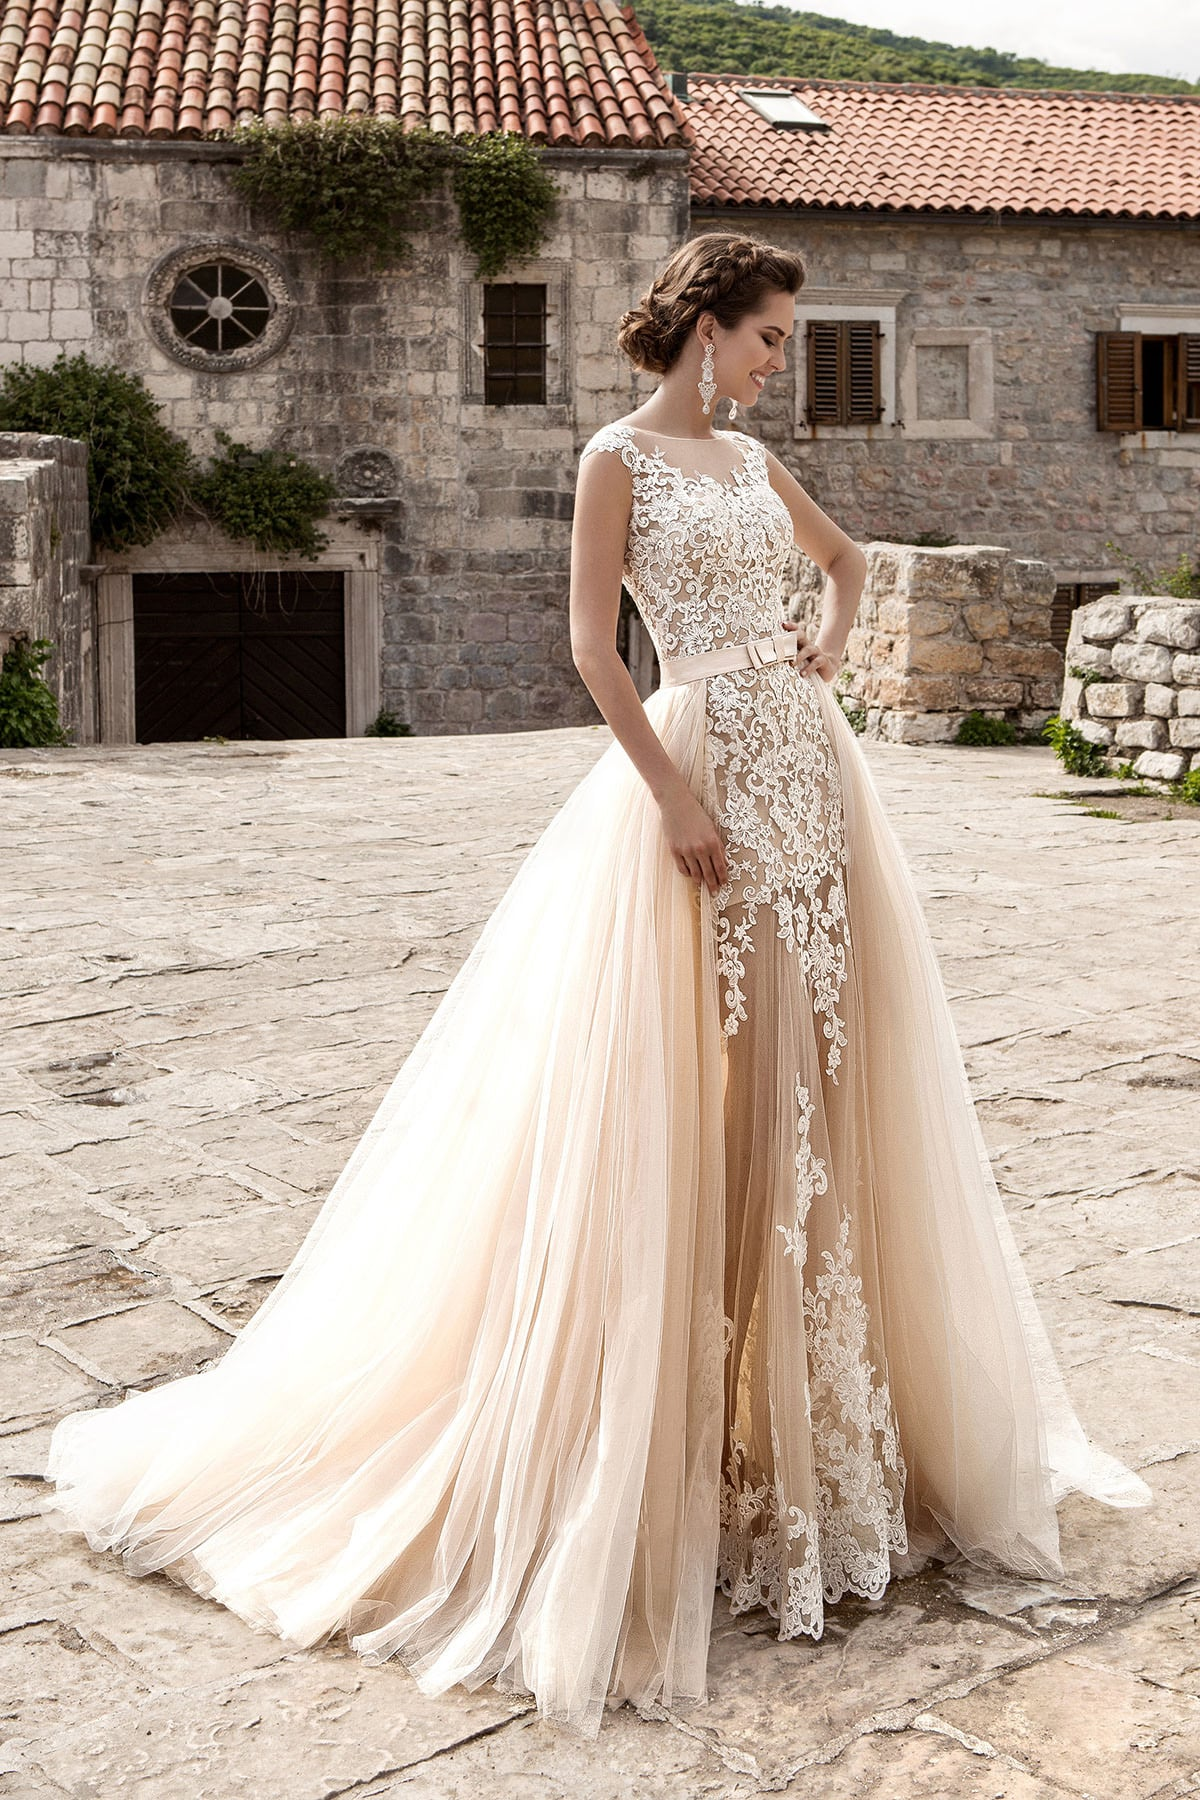 23df1f7d19f1de Бежевое свадебное платье облегающего кроя с верхней юбкой из нескольких  слоев тонкой ткани.